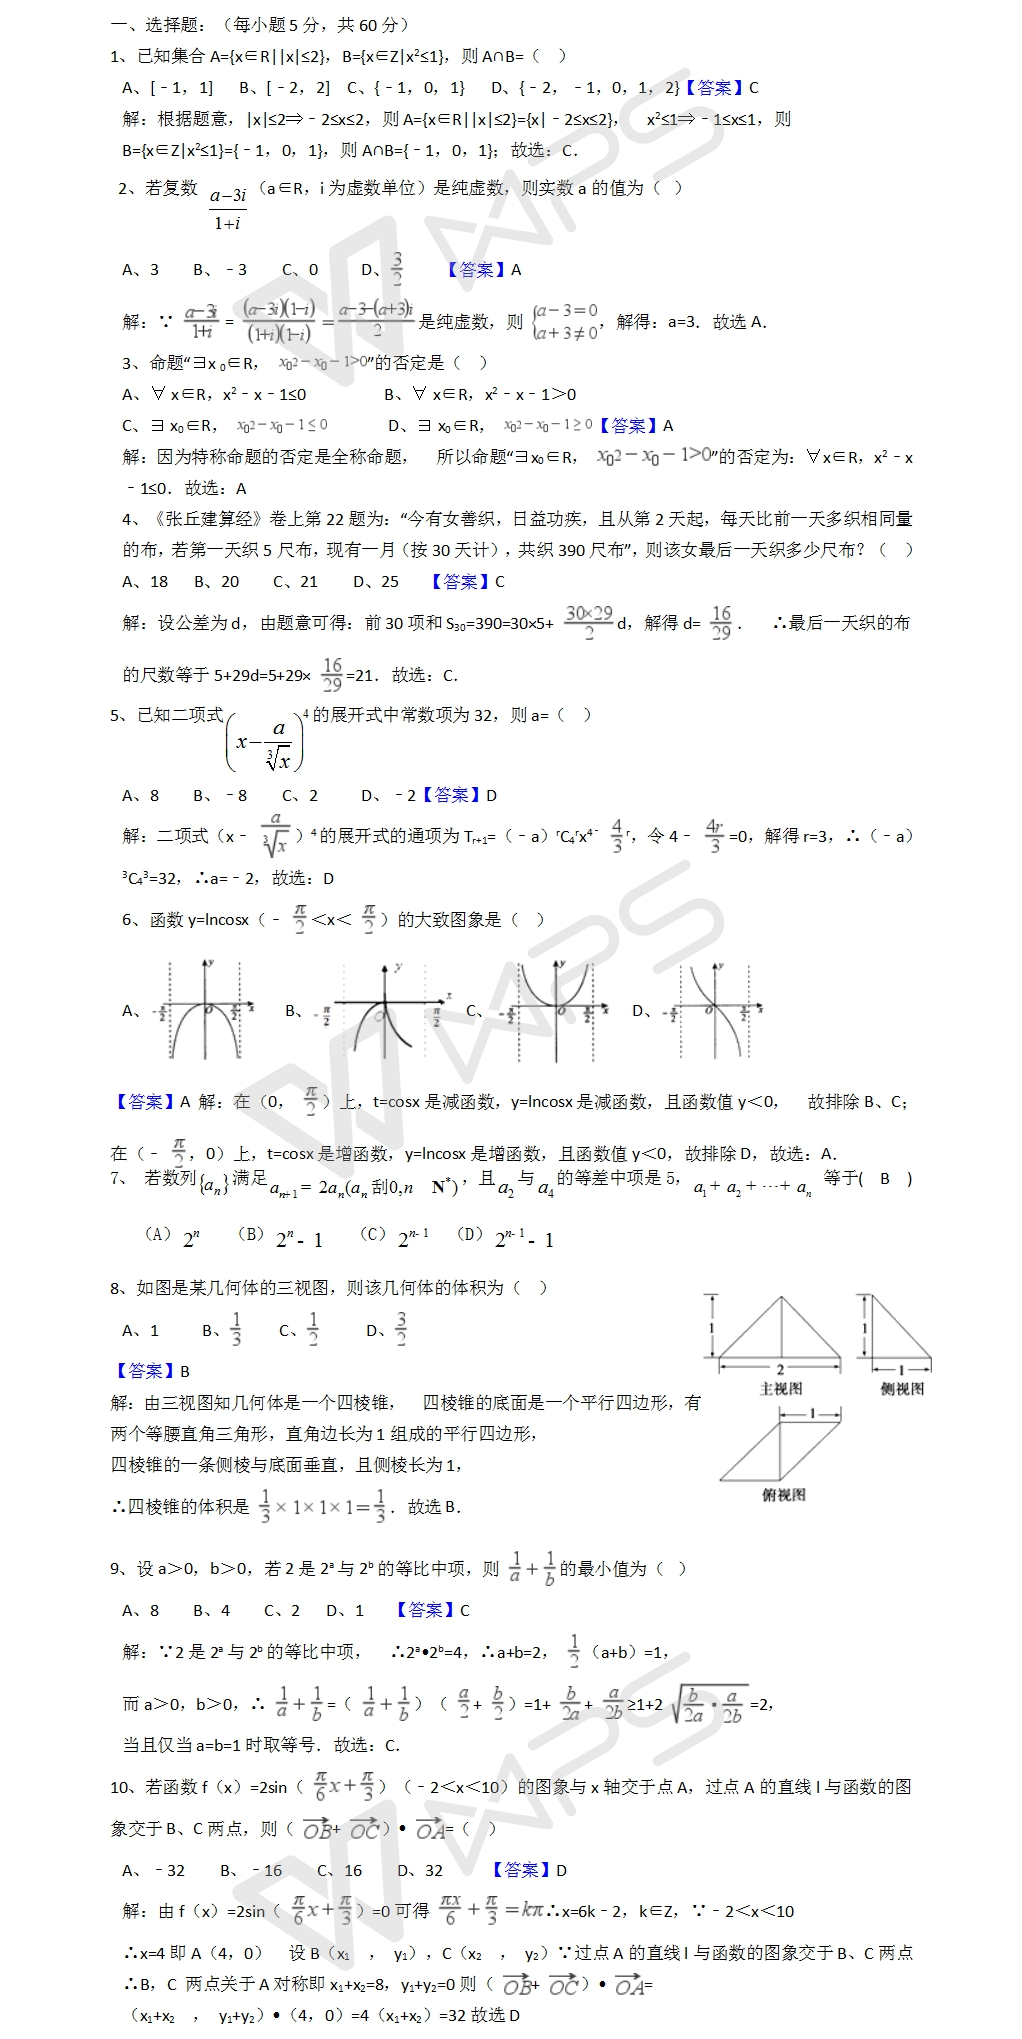 2018年高考理科数学模拟试题及答案(8)